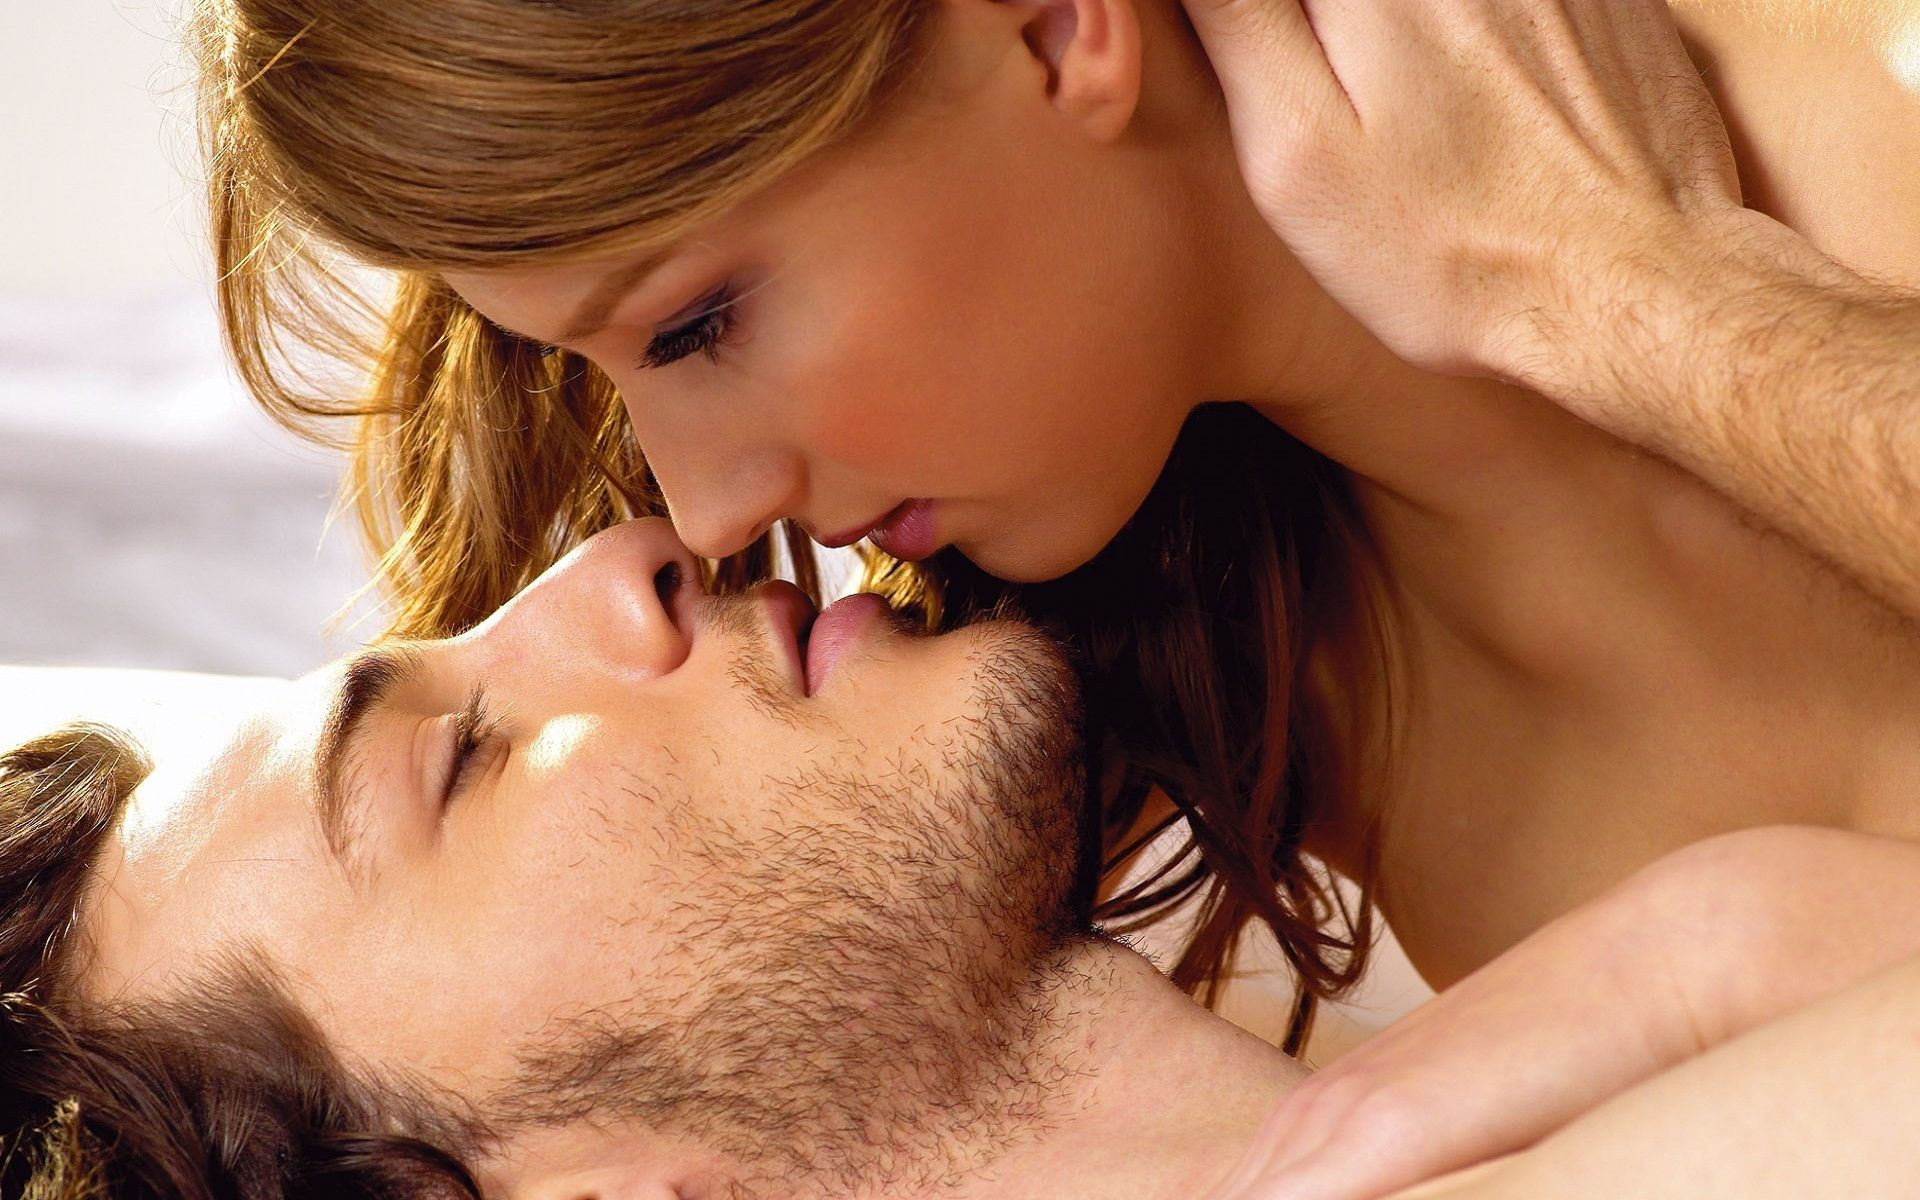 Фото поцелуев сисек, Kiss Sex Фото со стоков и изображения 20 фотография